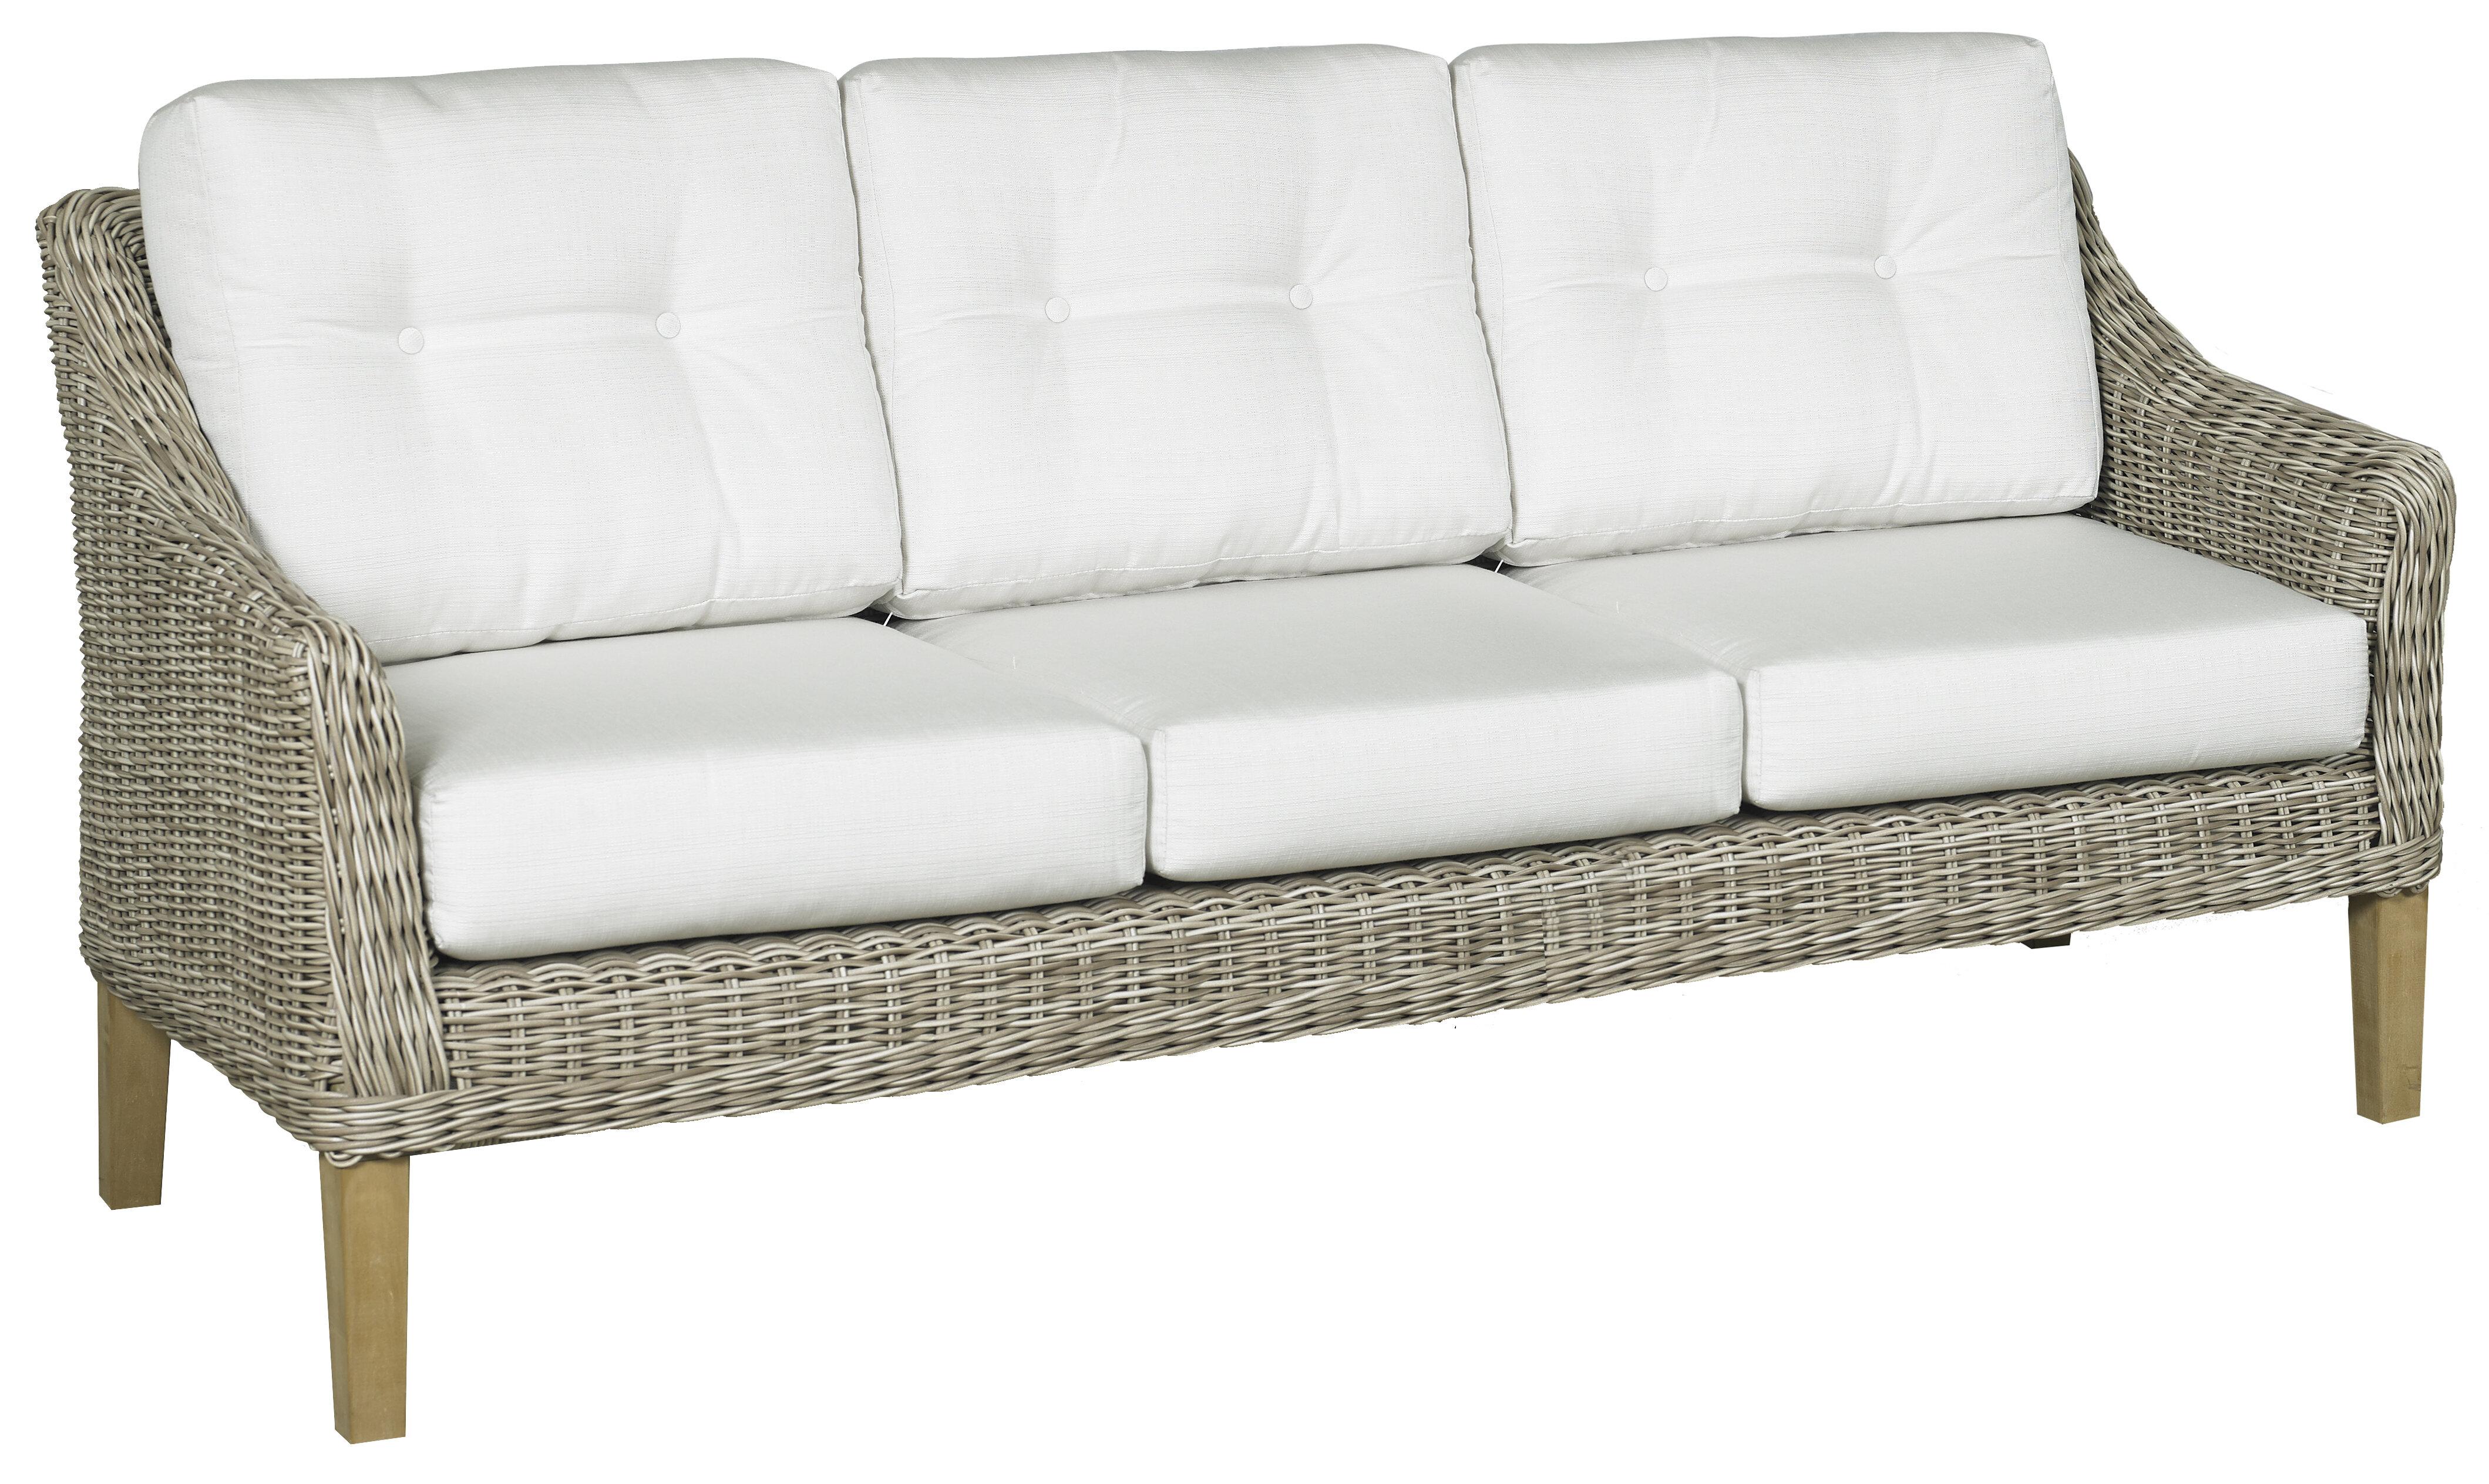 Carlisle Patio Sofa With Cushions